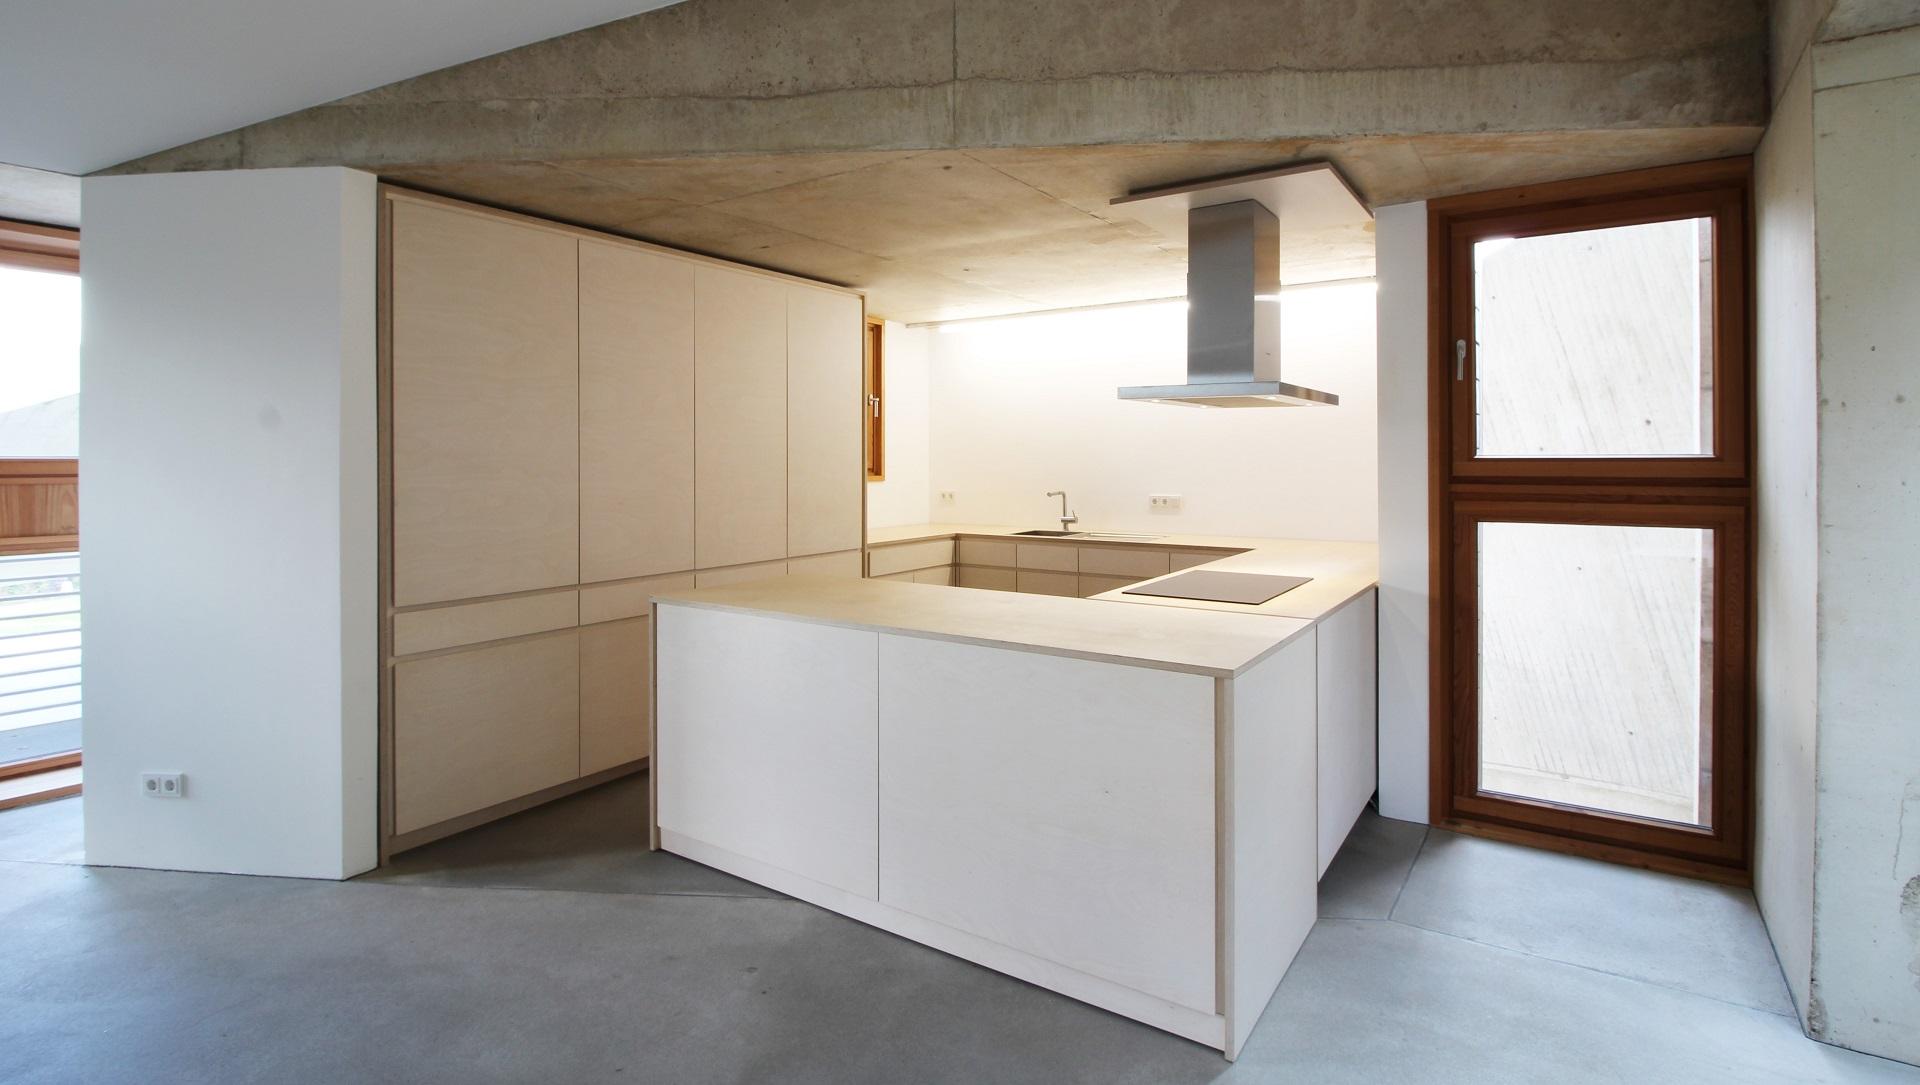 Full Size of Küchenmöbel Schreinerei Lukas Seng Viersen Kchenmbel Wohnzimmer Küchenmöbel